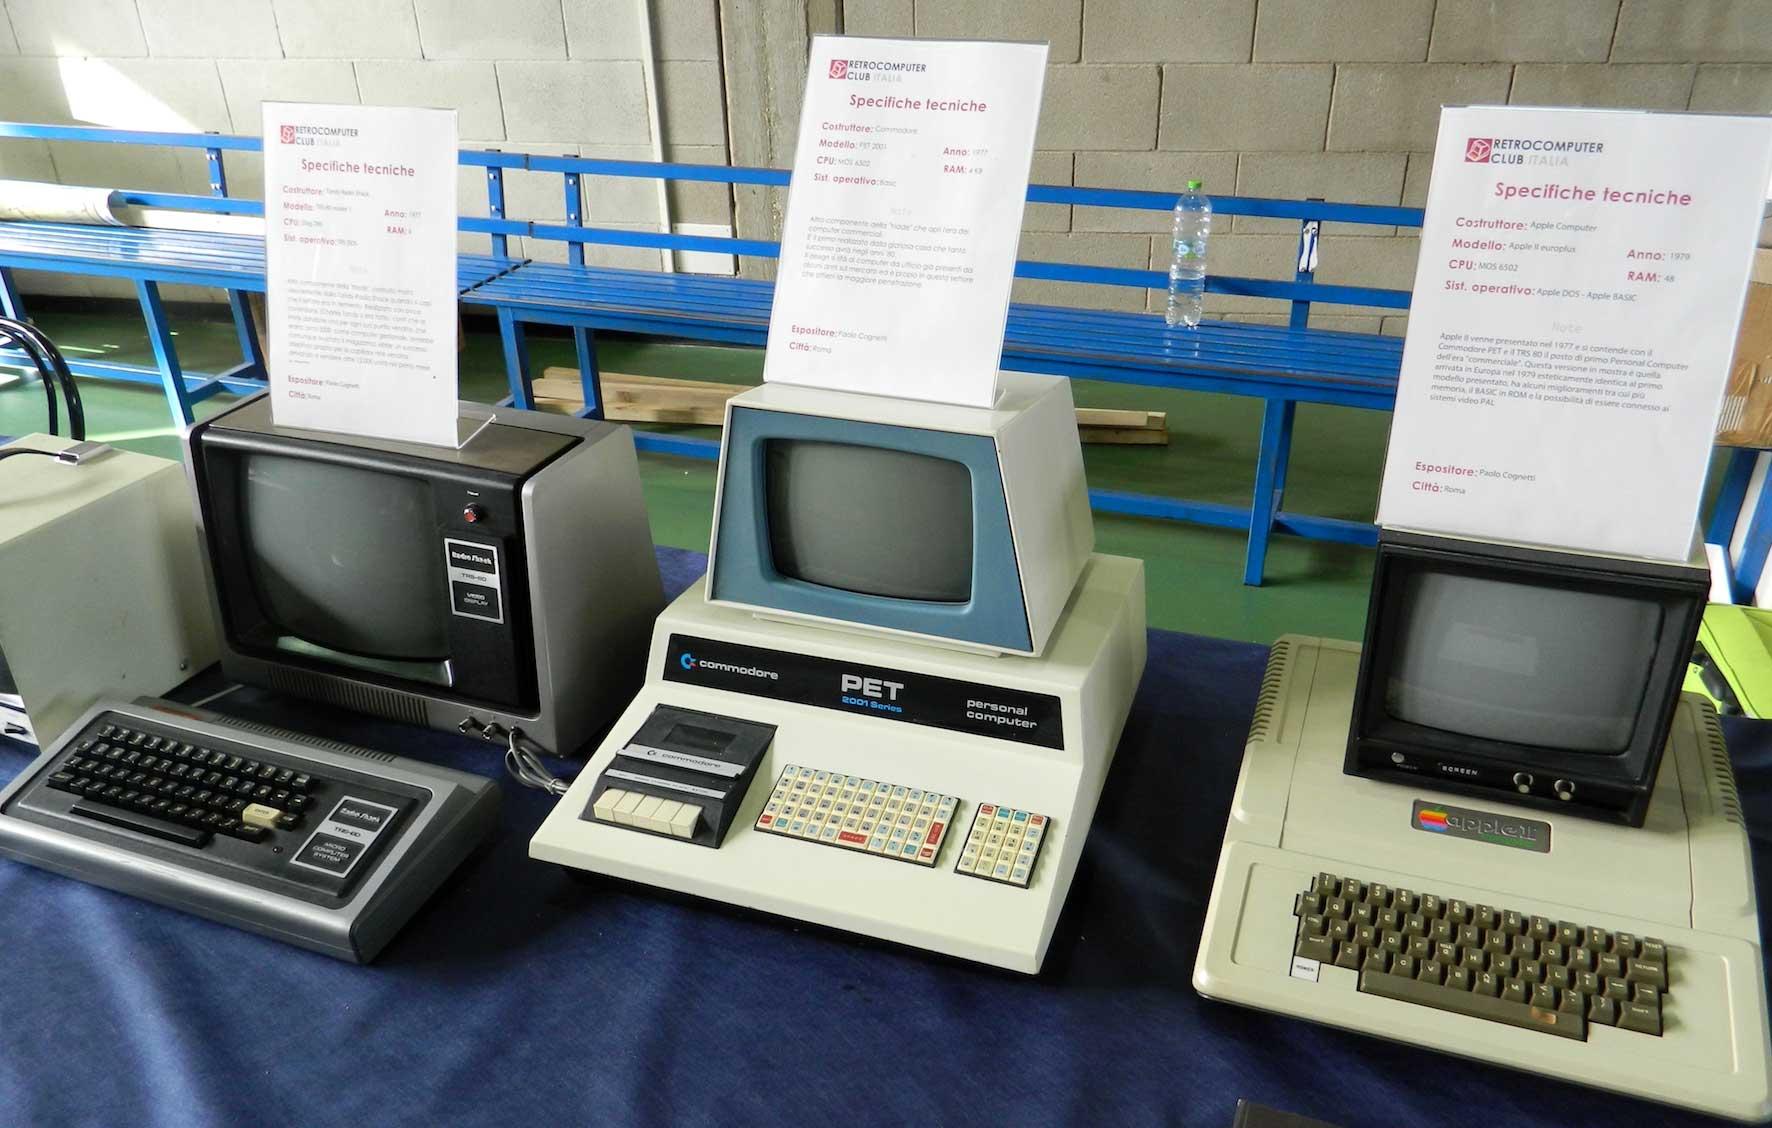 Da sinistra - TRS 80, Commodore PET 2001, Apple II